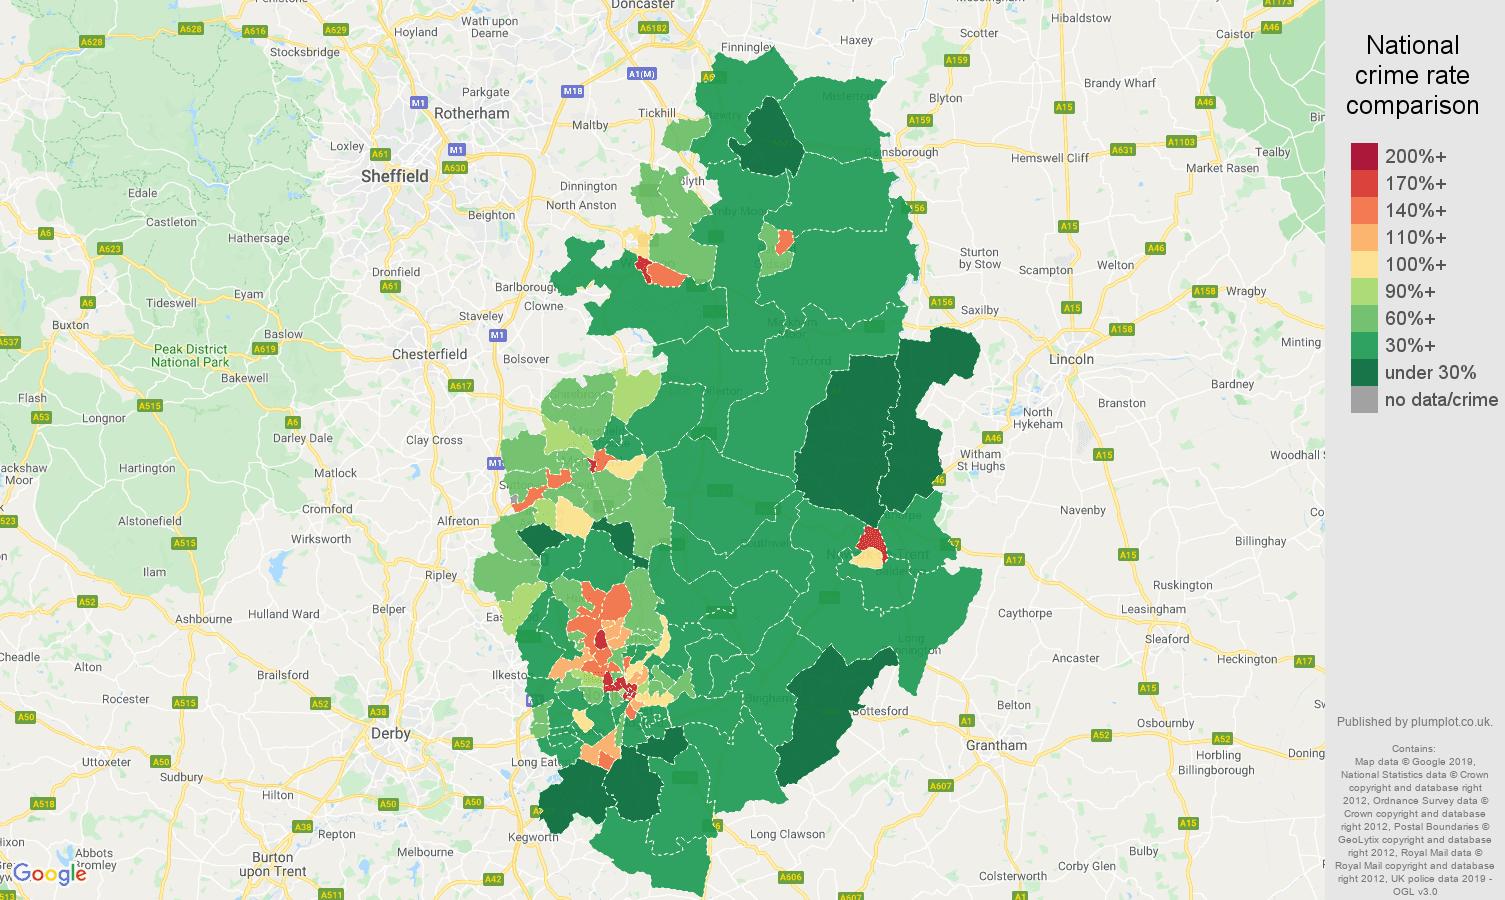 Nottinghamshire public order crime rate comparison map